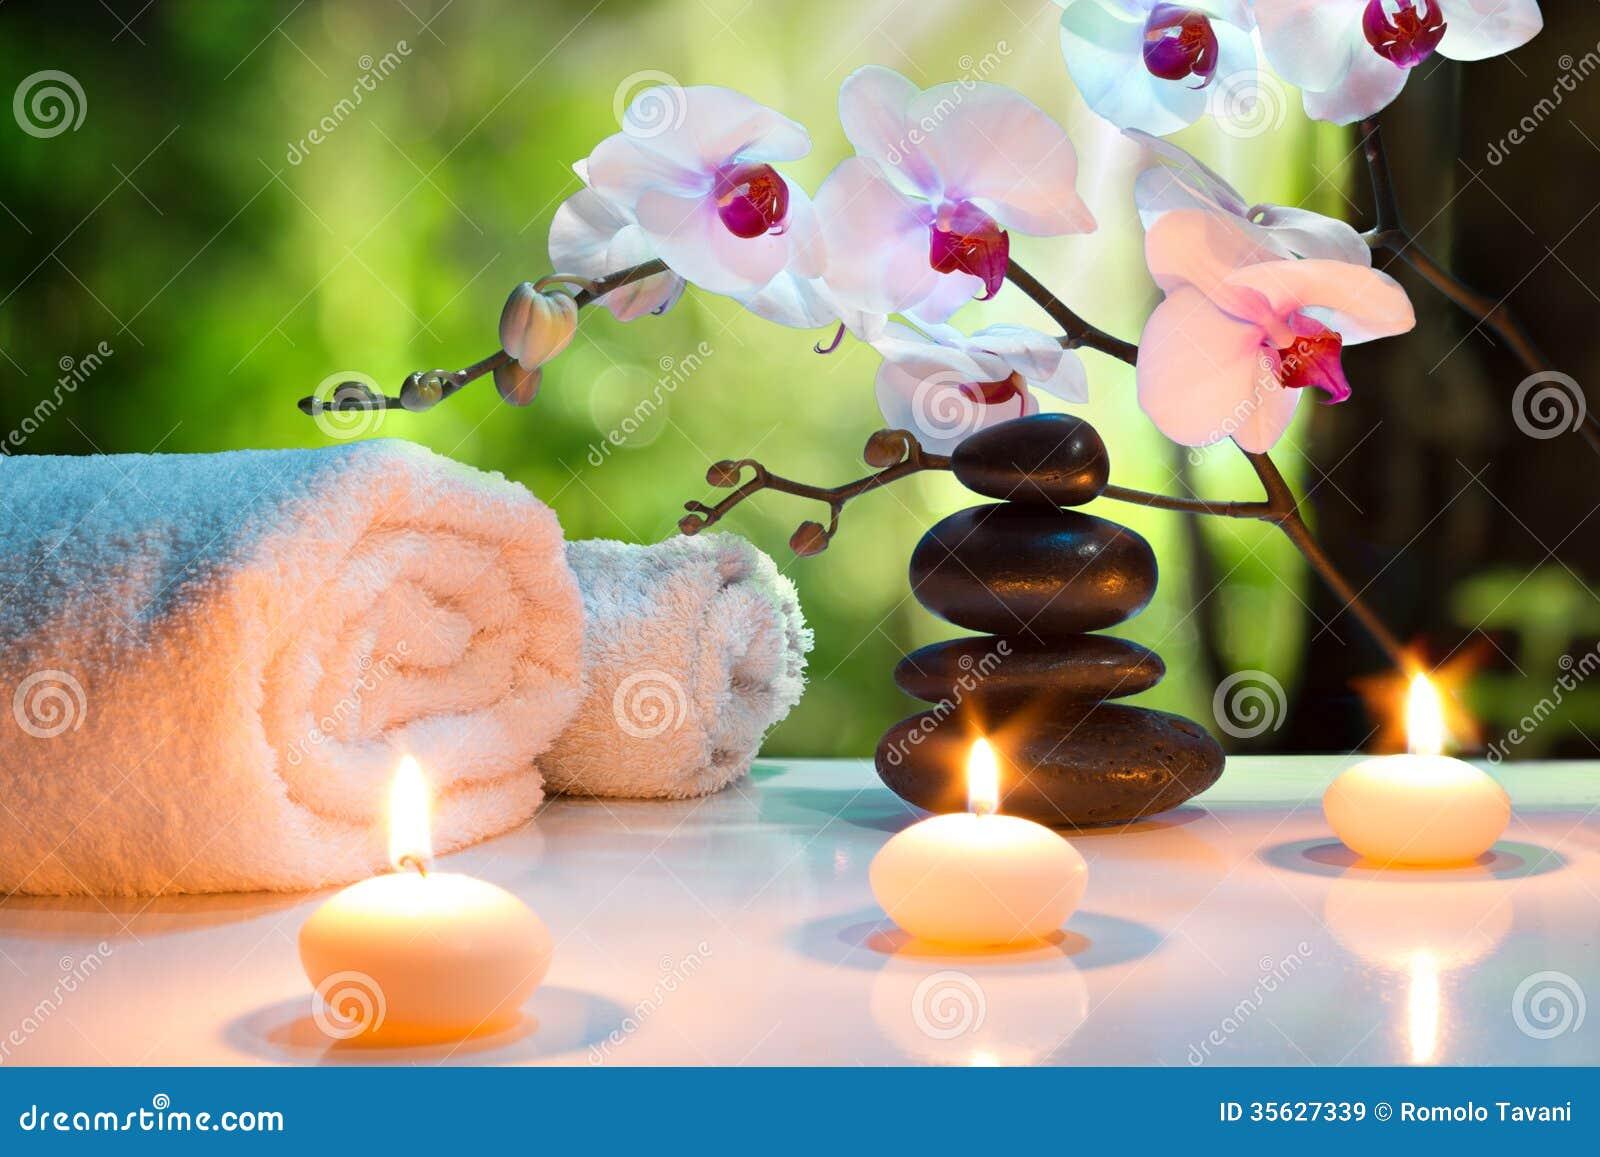 Massieren Sie Zusammensetzungsbadekurort mit Kerzen, Orchideen und schwarzen Steinen im Garten